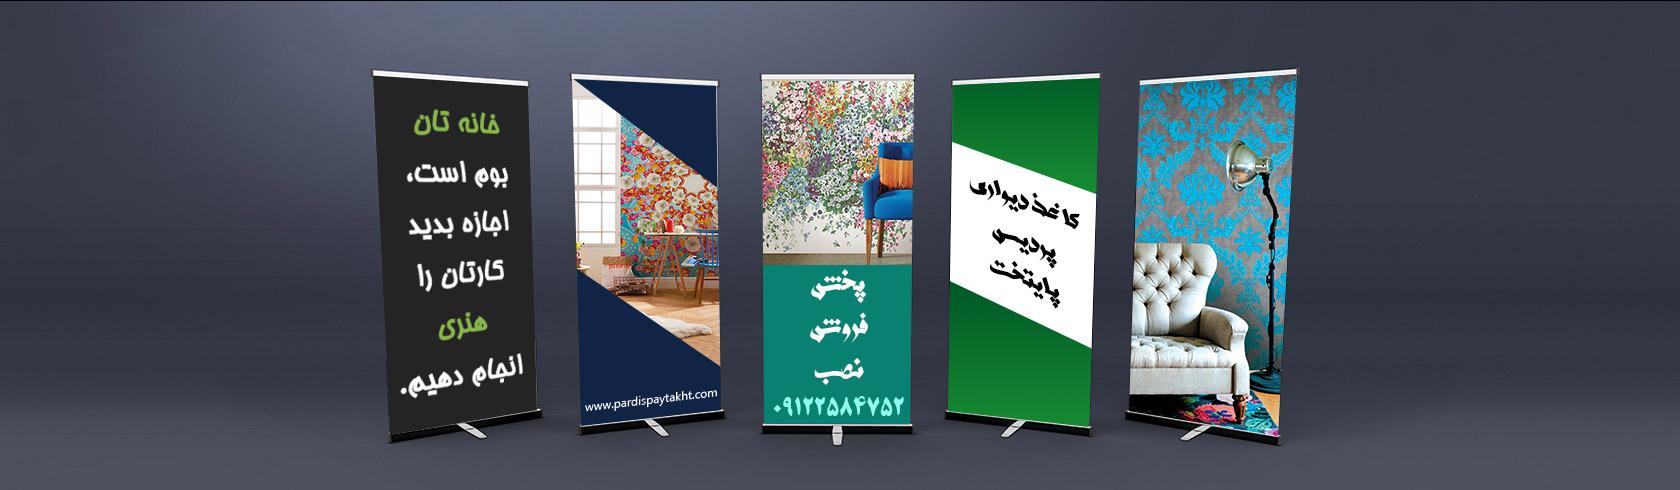 مشاوره، فروش و نصب کاغذ دیواری در تهران و سراسر ایران